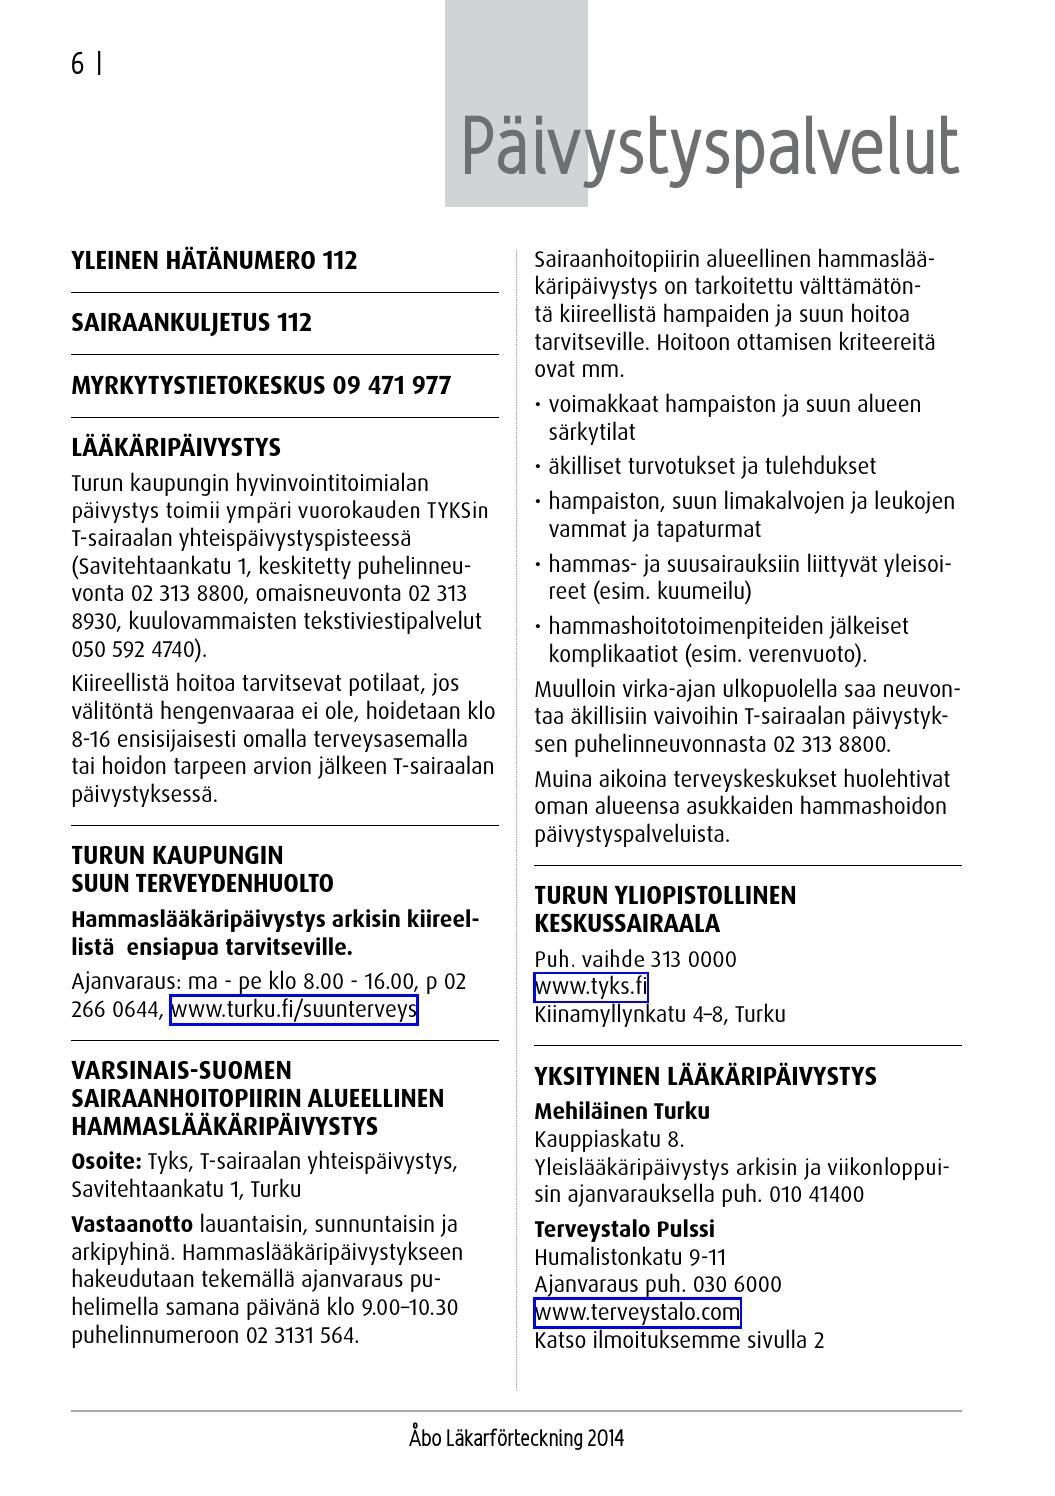 Savitehtaankatu 1 Turku